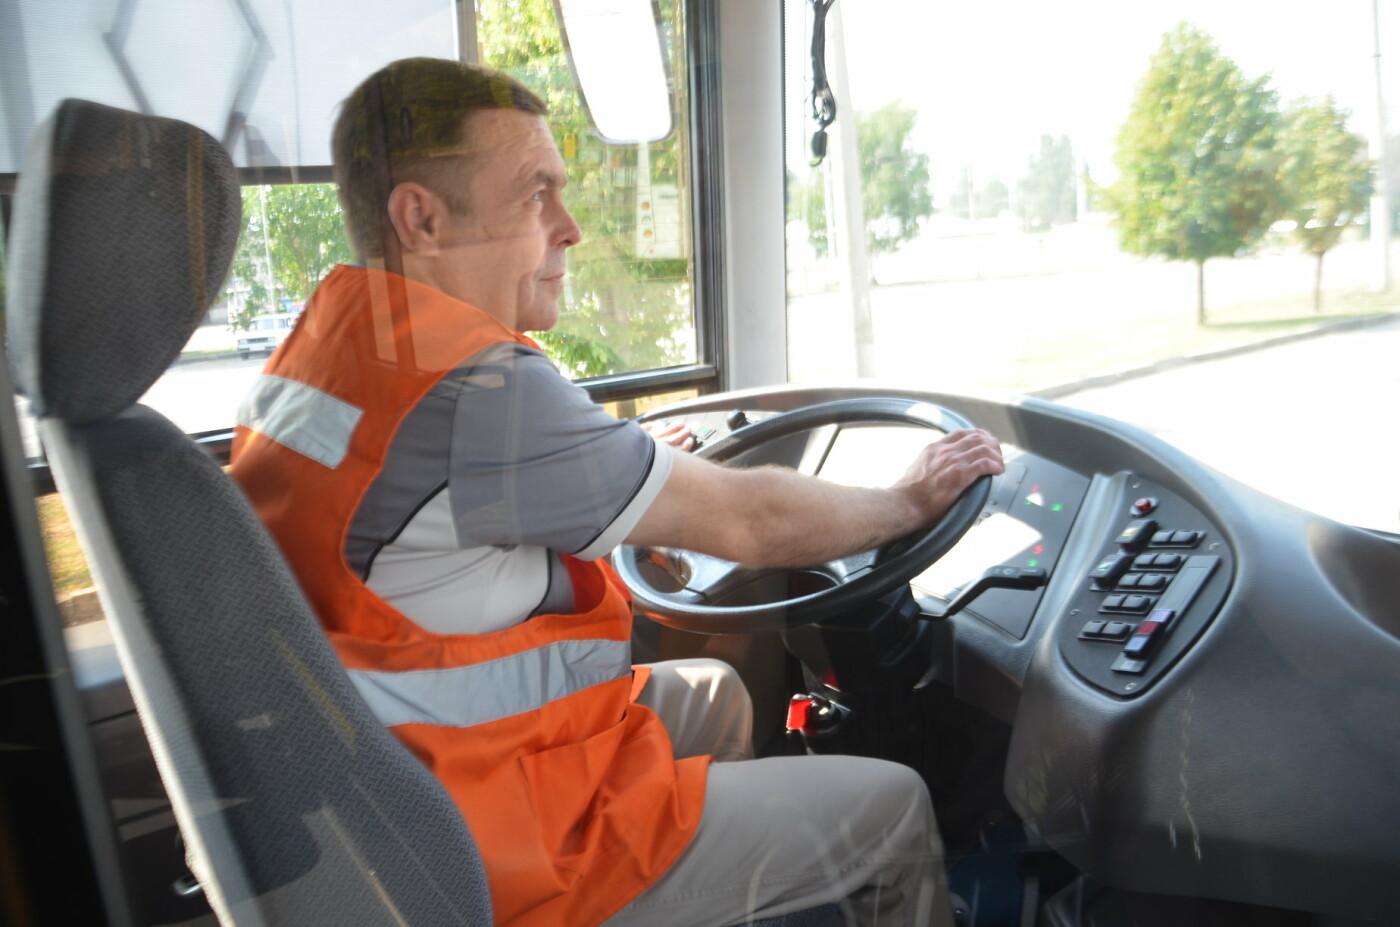 В Запорожье на линию выйдут пять новых троллейбусов с автономным ходом, - ФОТОРЕПОРТАЖ, фото-16